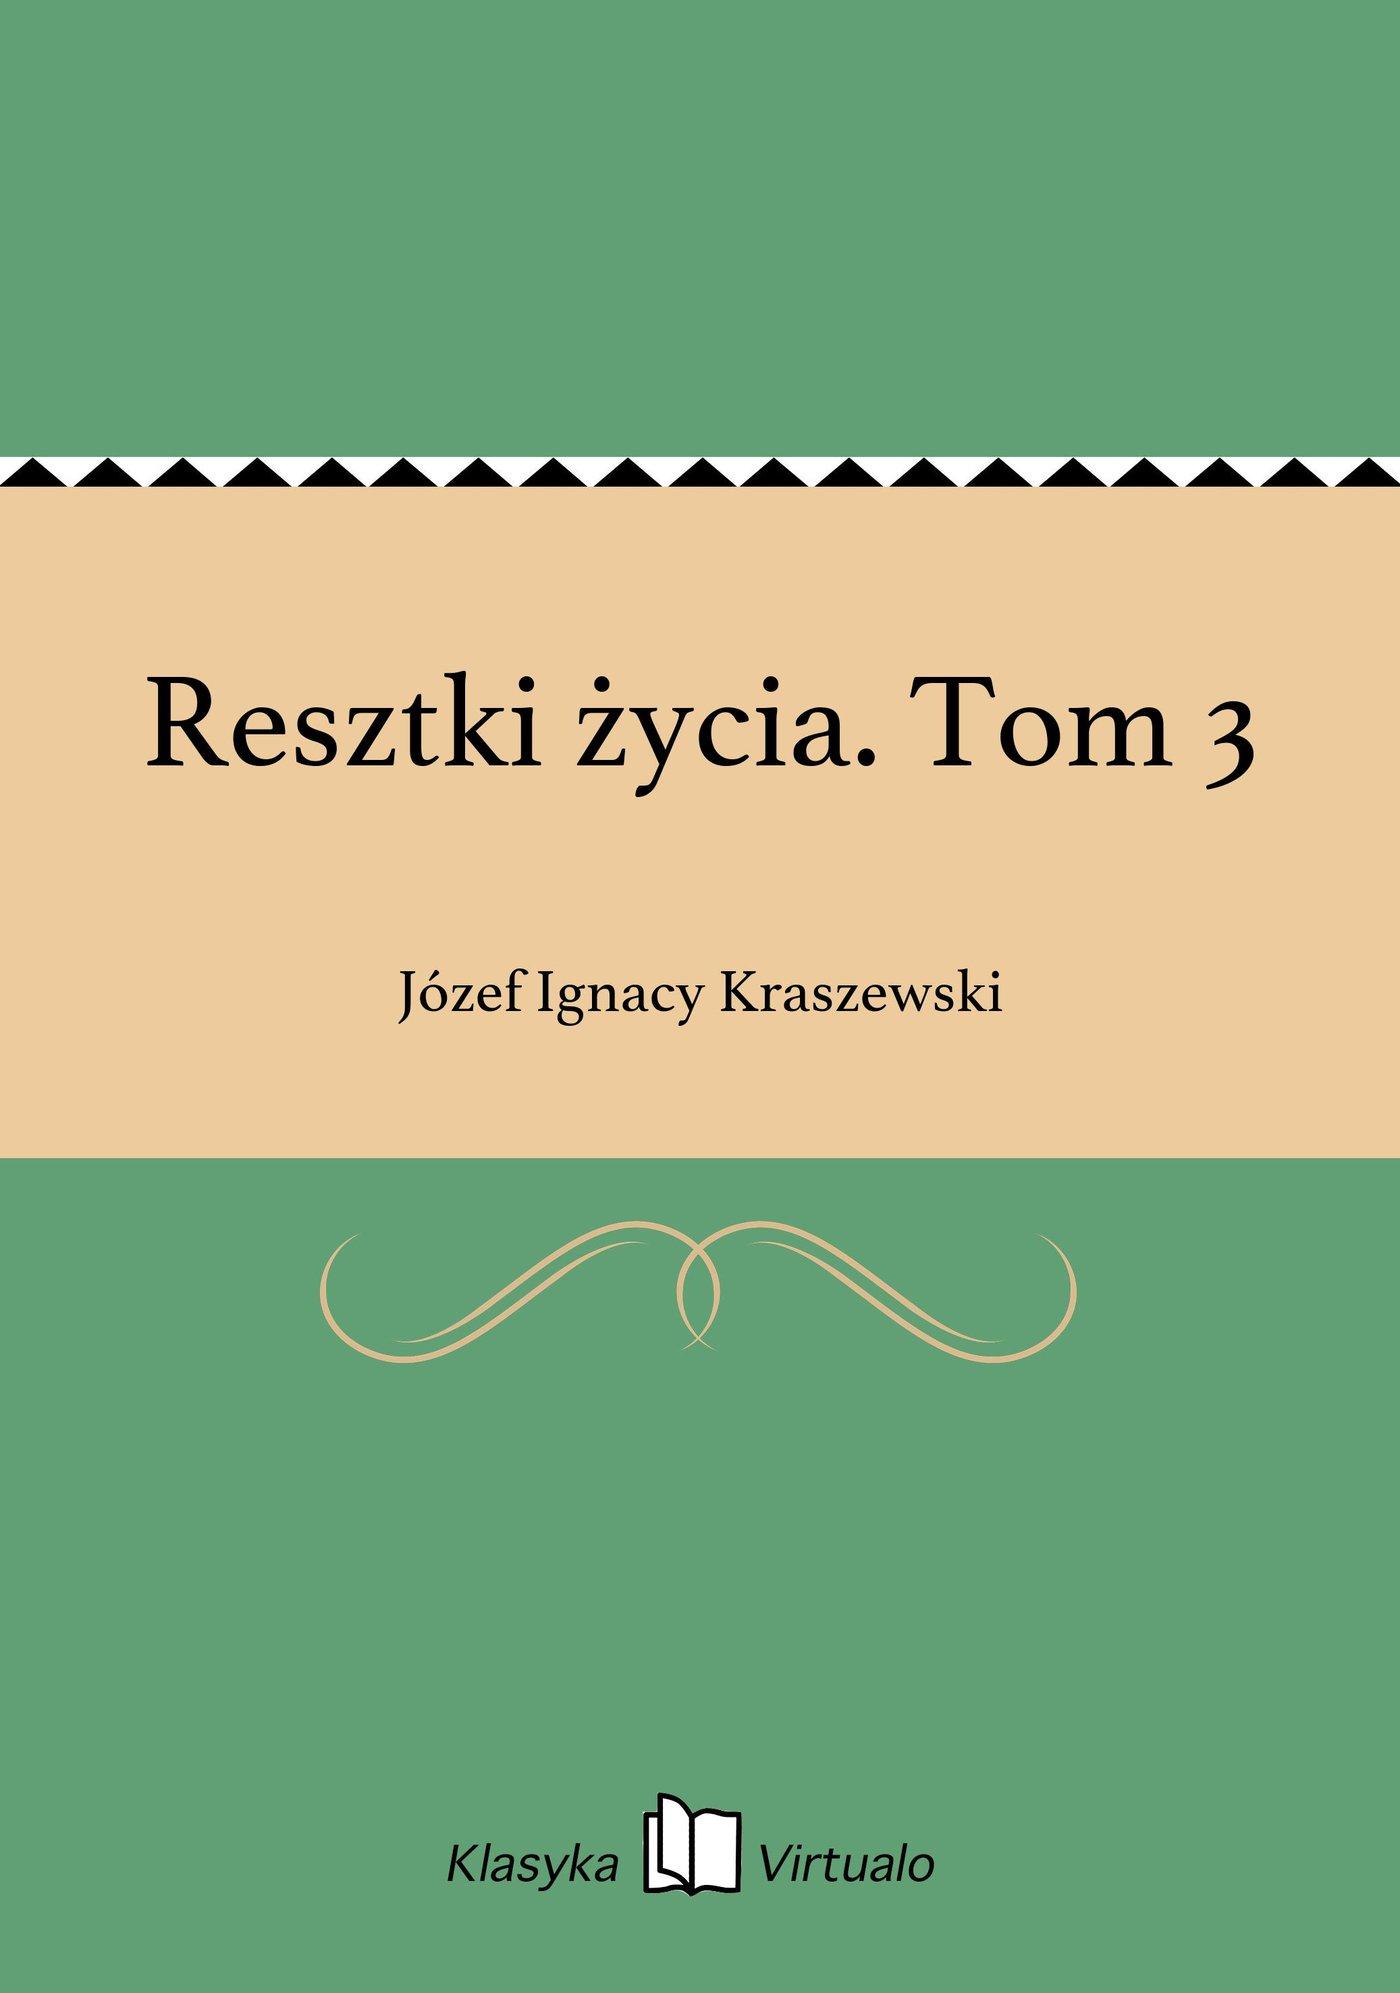 Resztki życia. Tom 3 - Ebook (Książka EPUB) do pobrania w formacie EPUB